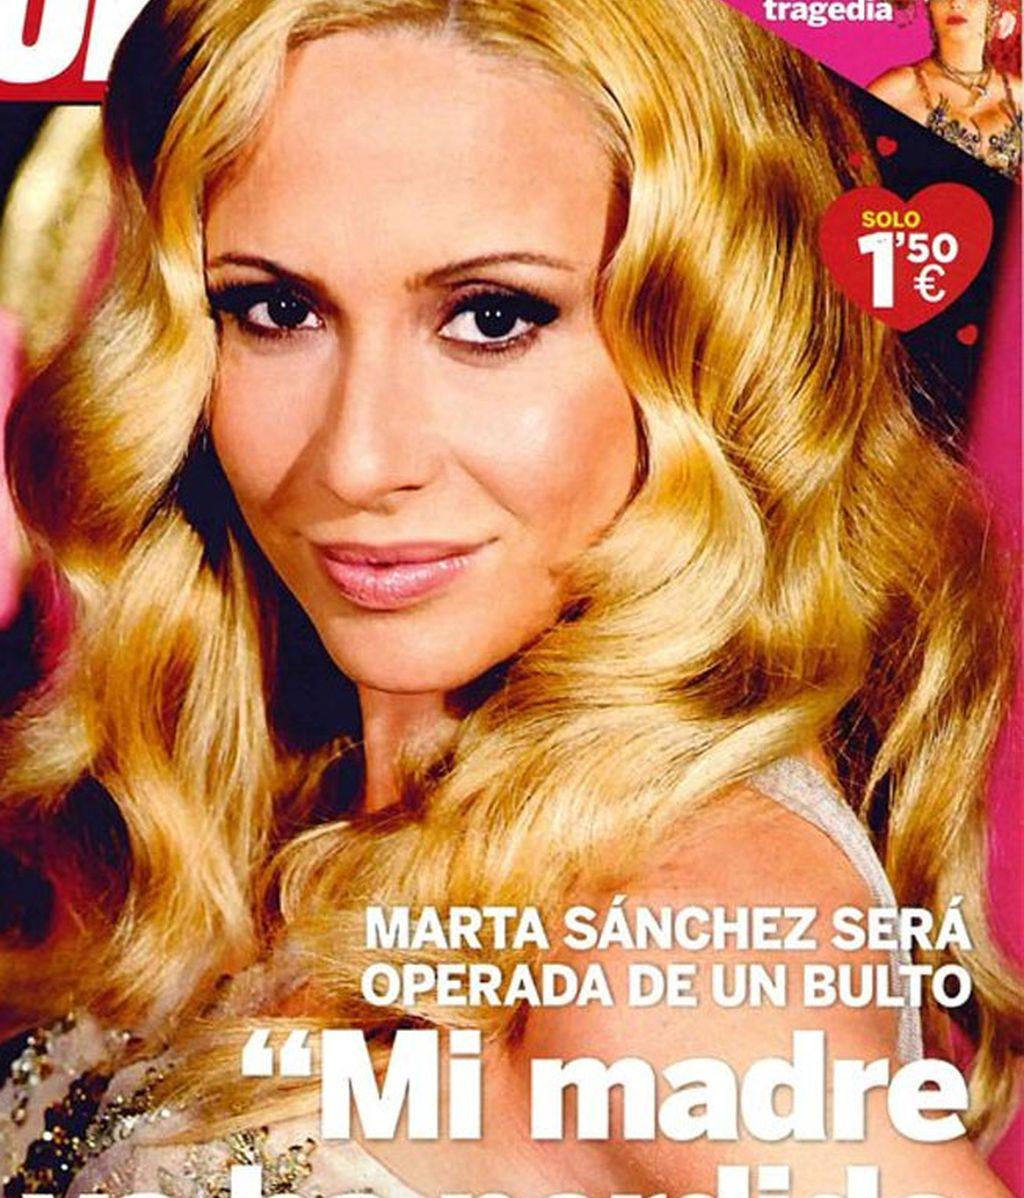 Marta Sánchez será operada de un quiste